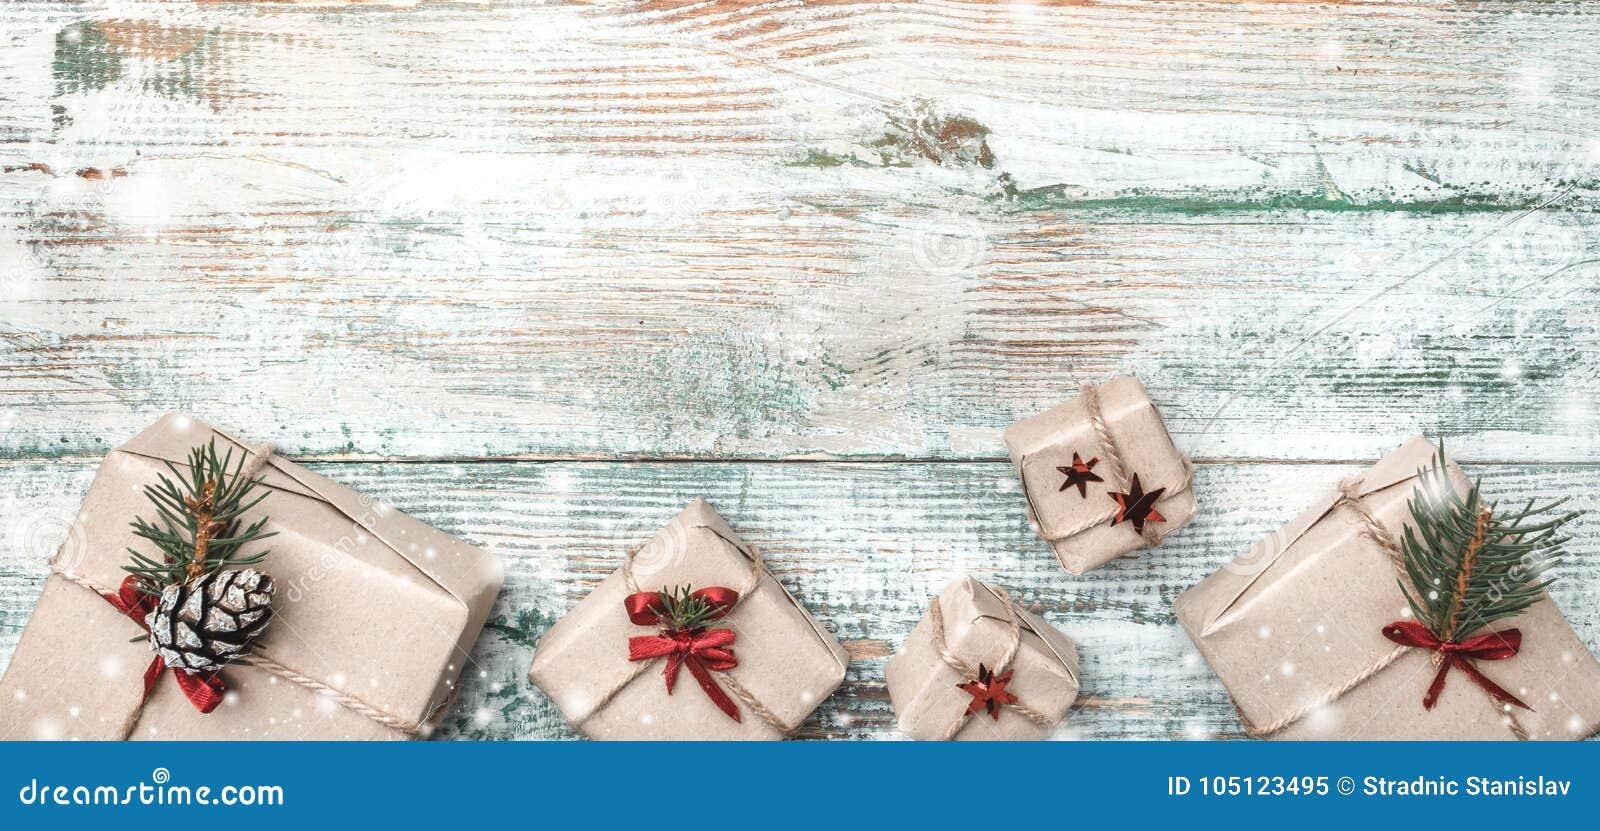 De winterachtergrond, met uitgesproken textuur, bij de bodem vele met de hand gemaakte giften op wit, oud hout